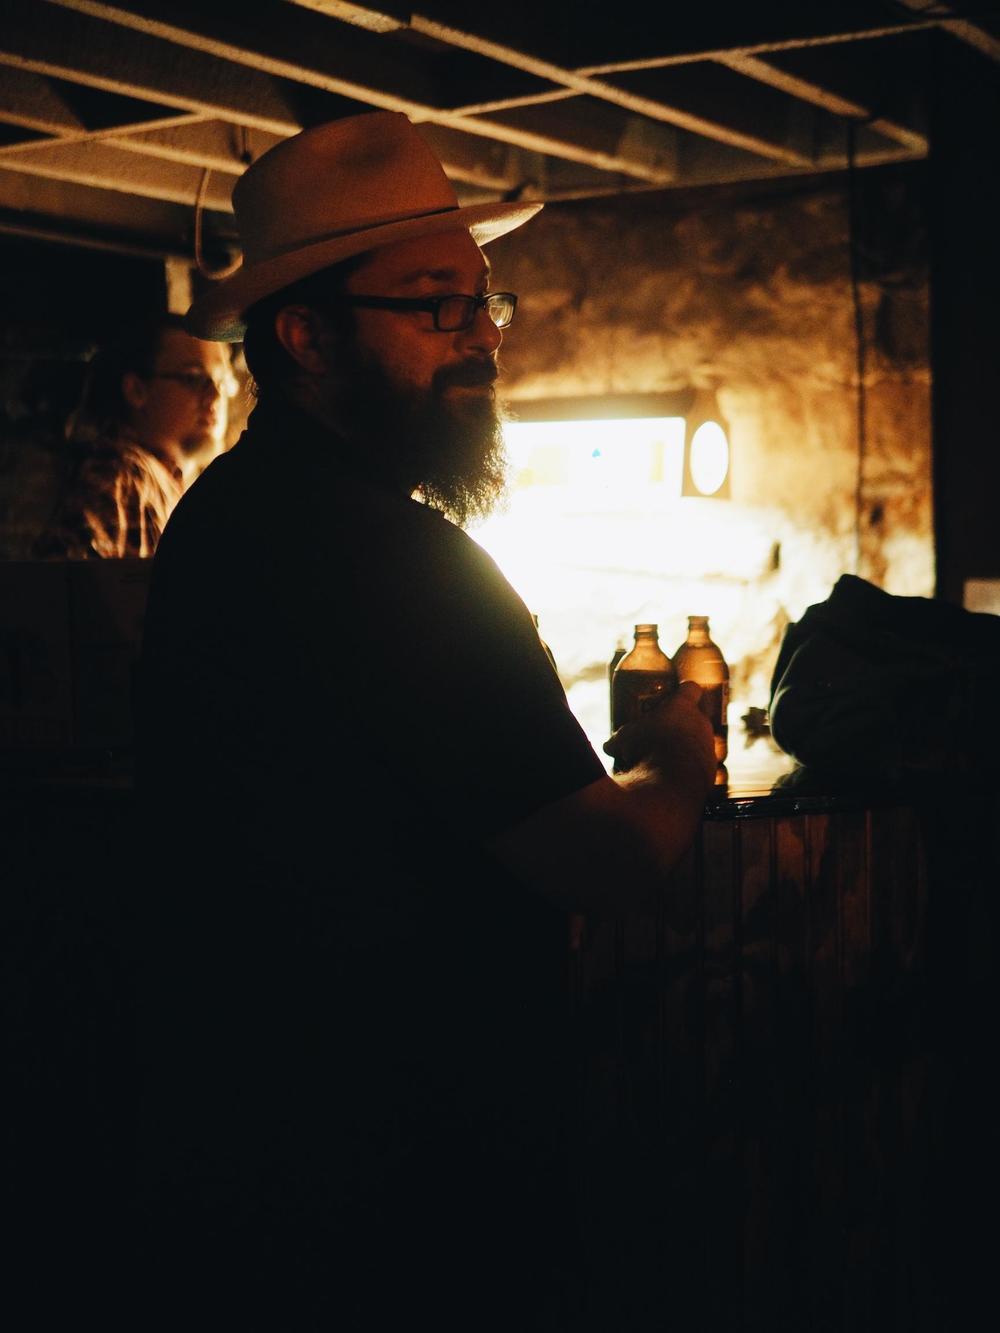 Copy of Photo by Zack Huggins.